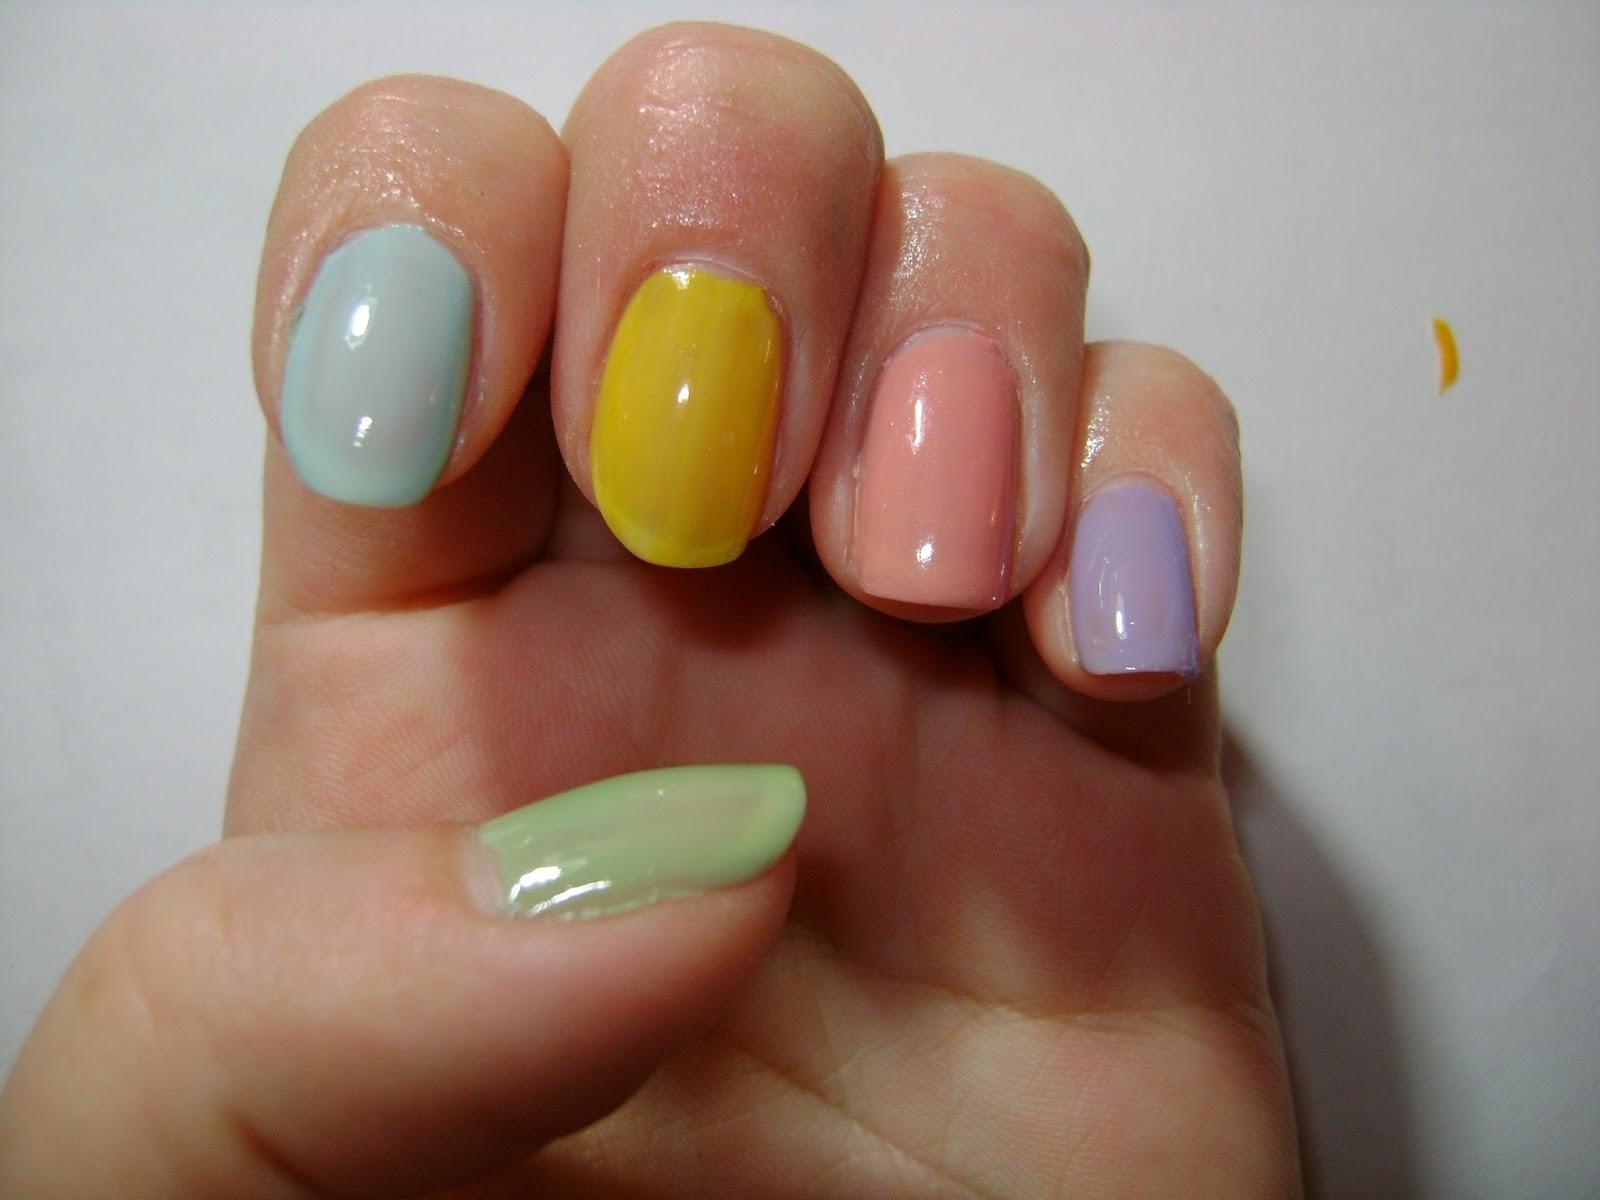 Easter nails - Adjusting Beauty